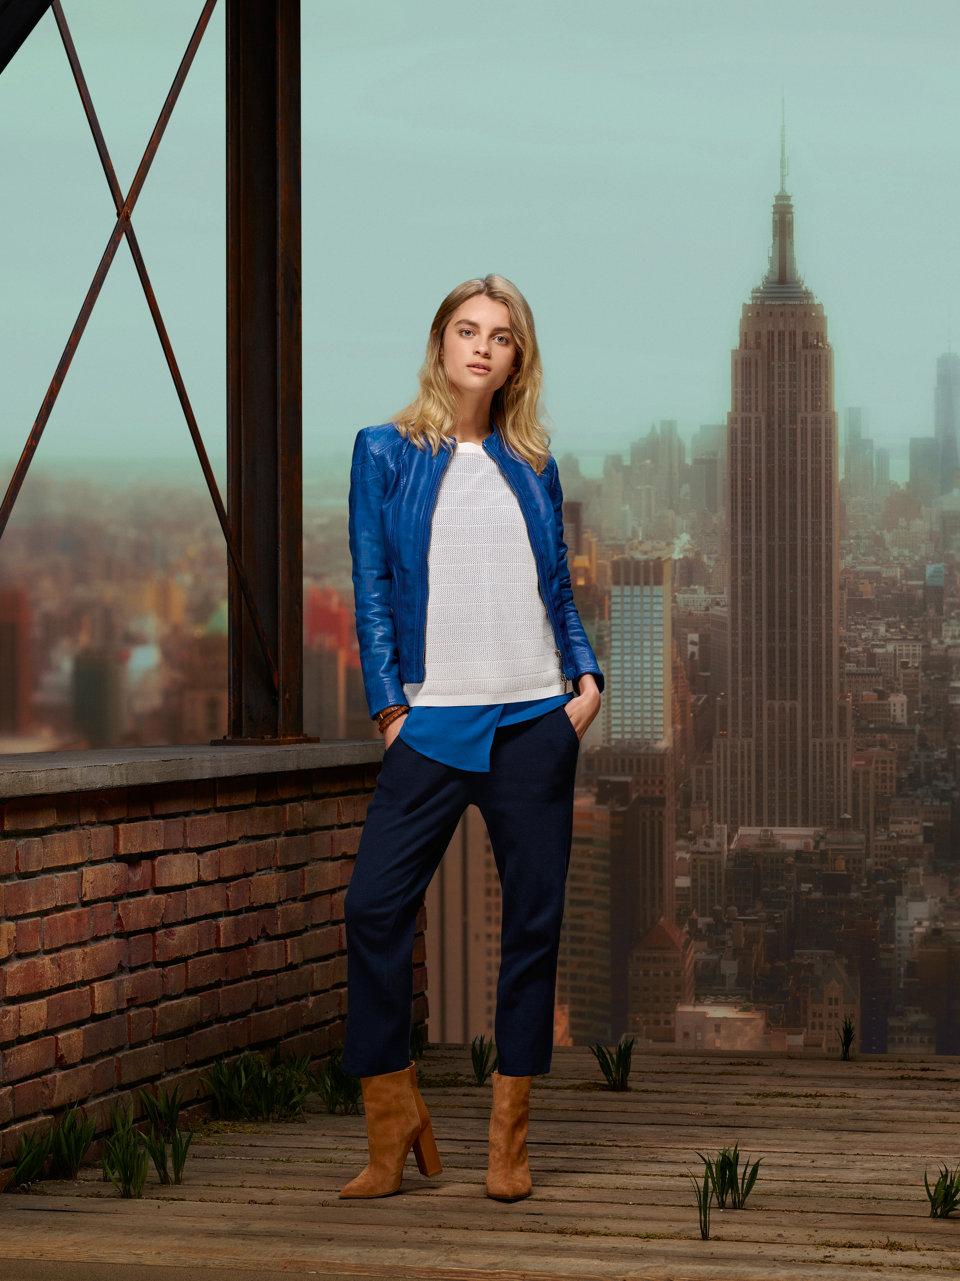 Blue leather jacket and white sweater byBOSSOrange